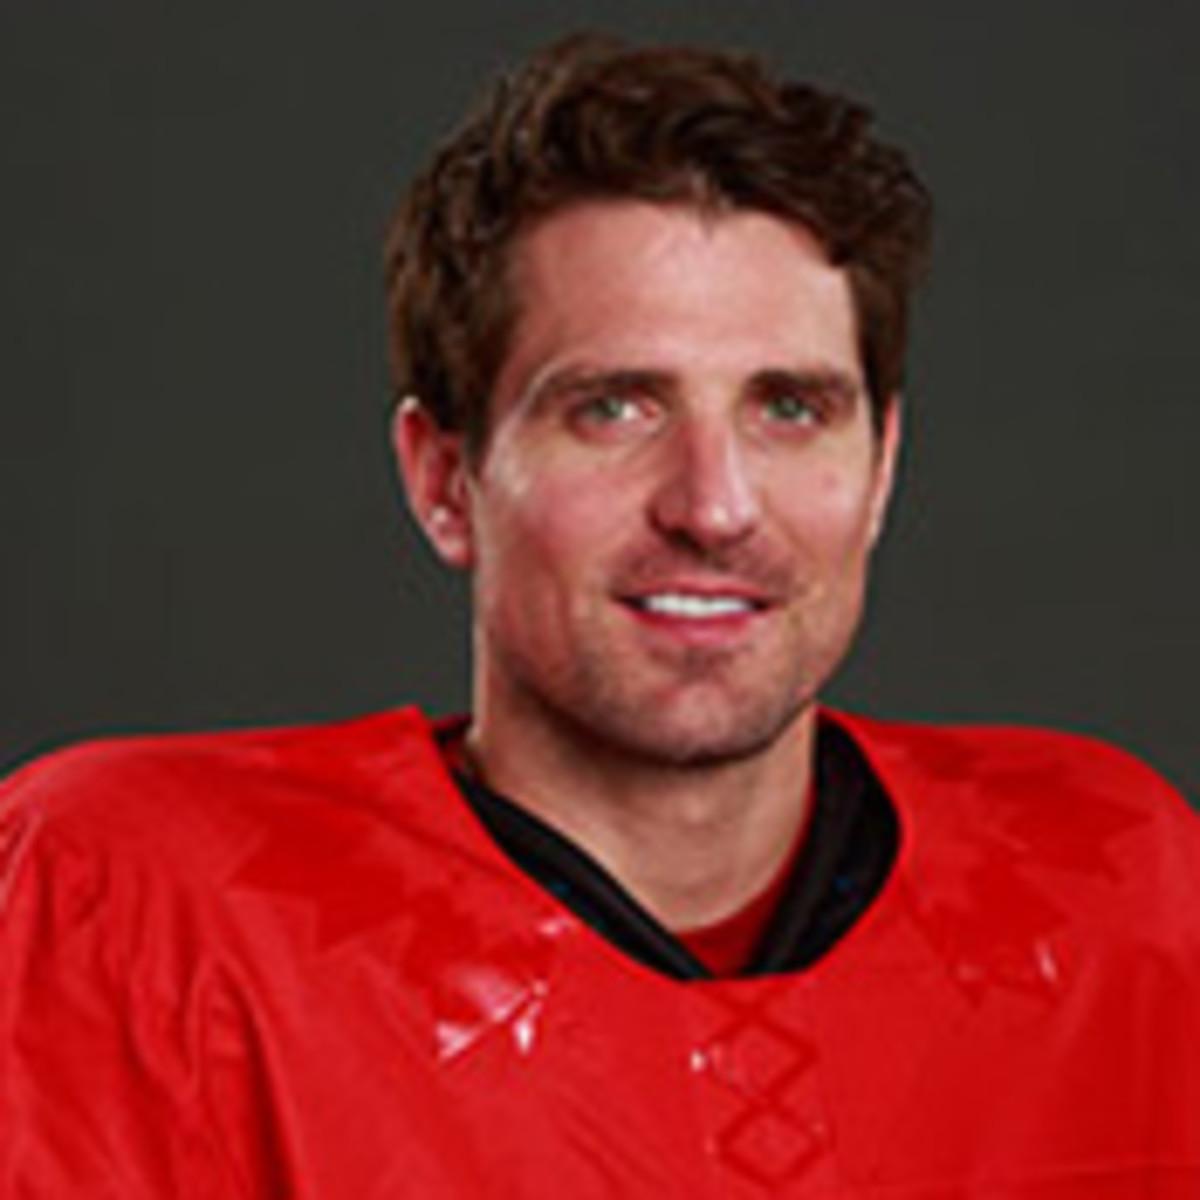 2014 canada men's hockey olympics patrick sharp